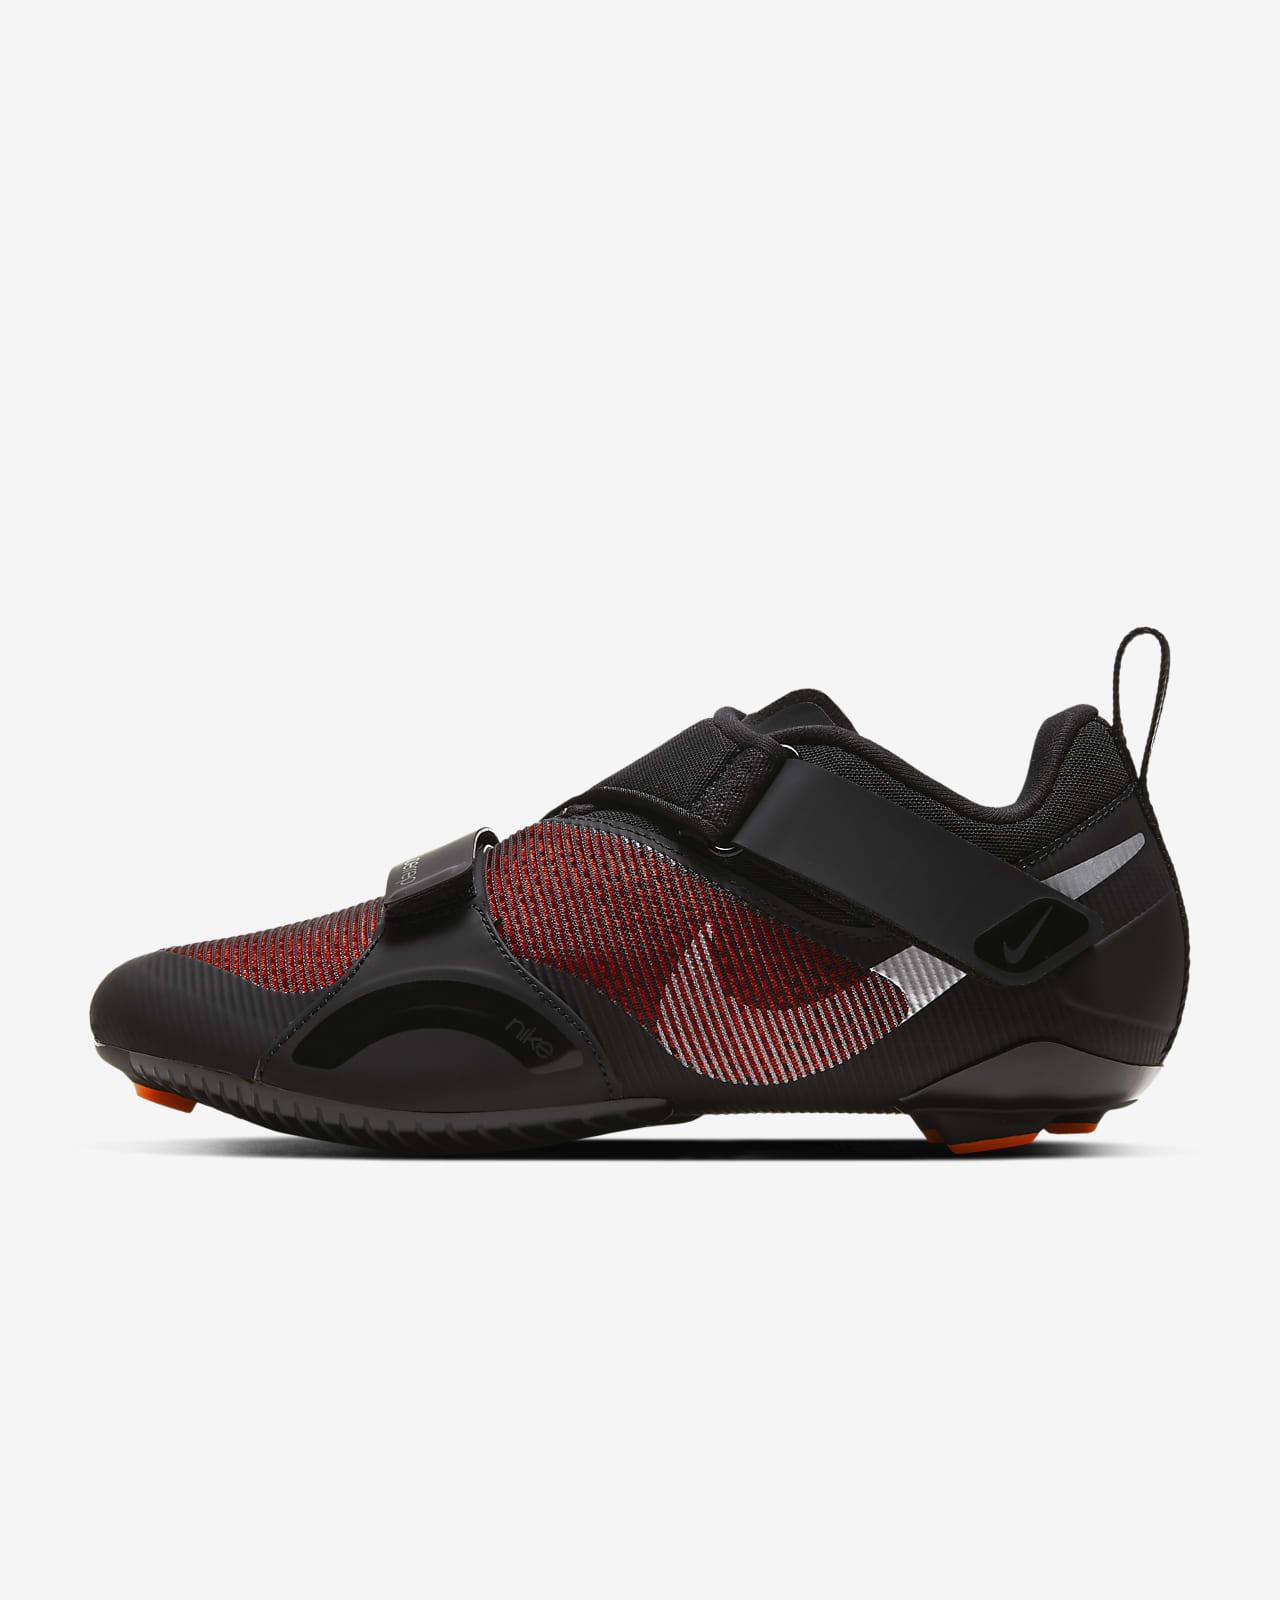 Chaussures de vélo en salle Nike SuperRep Cycle pour Femme